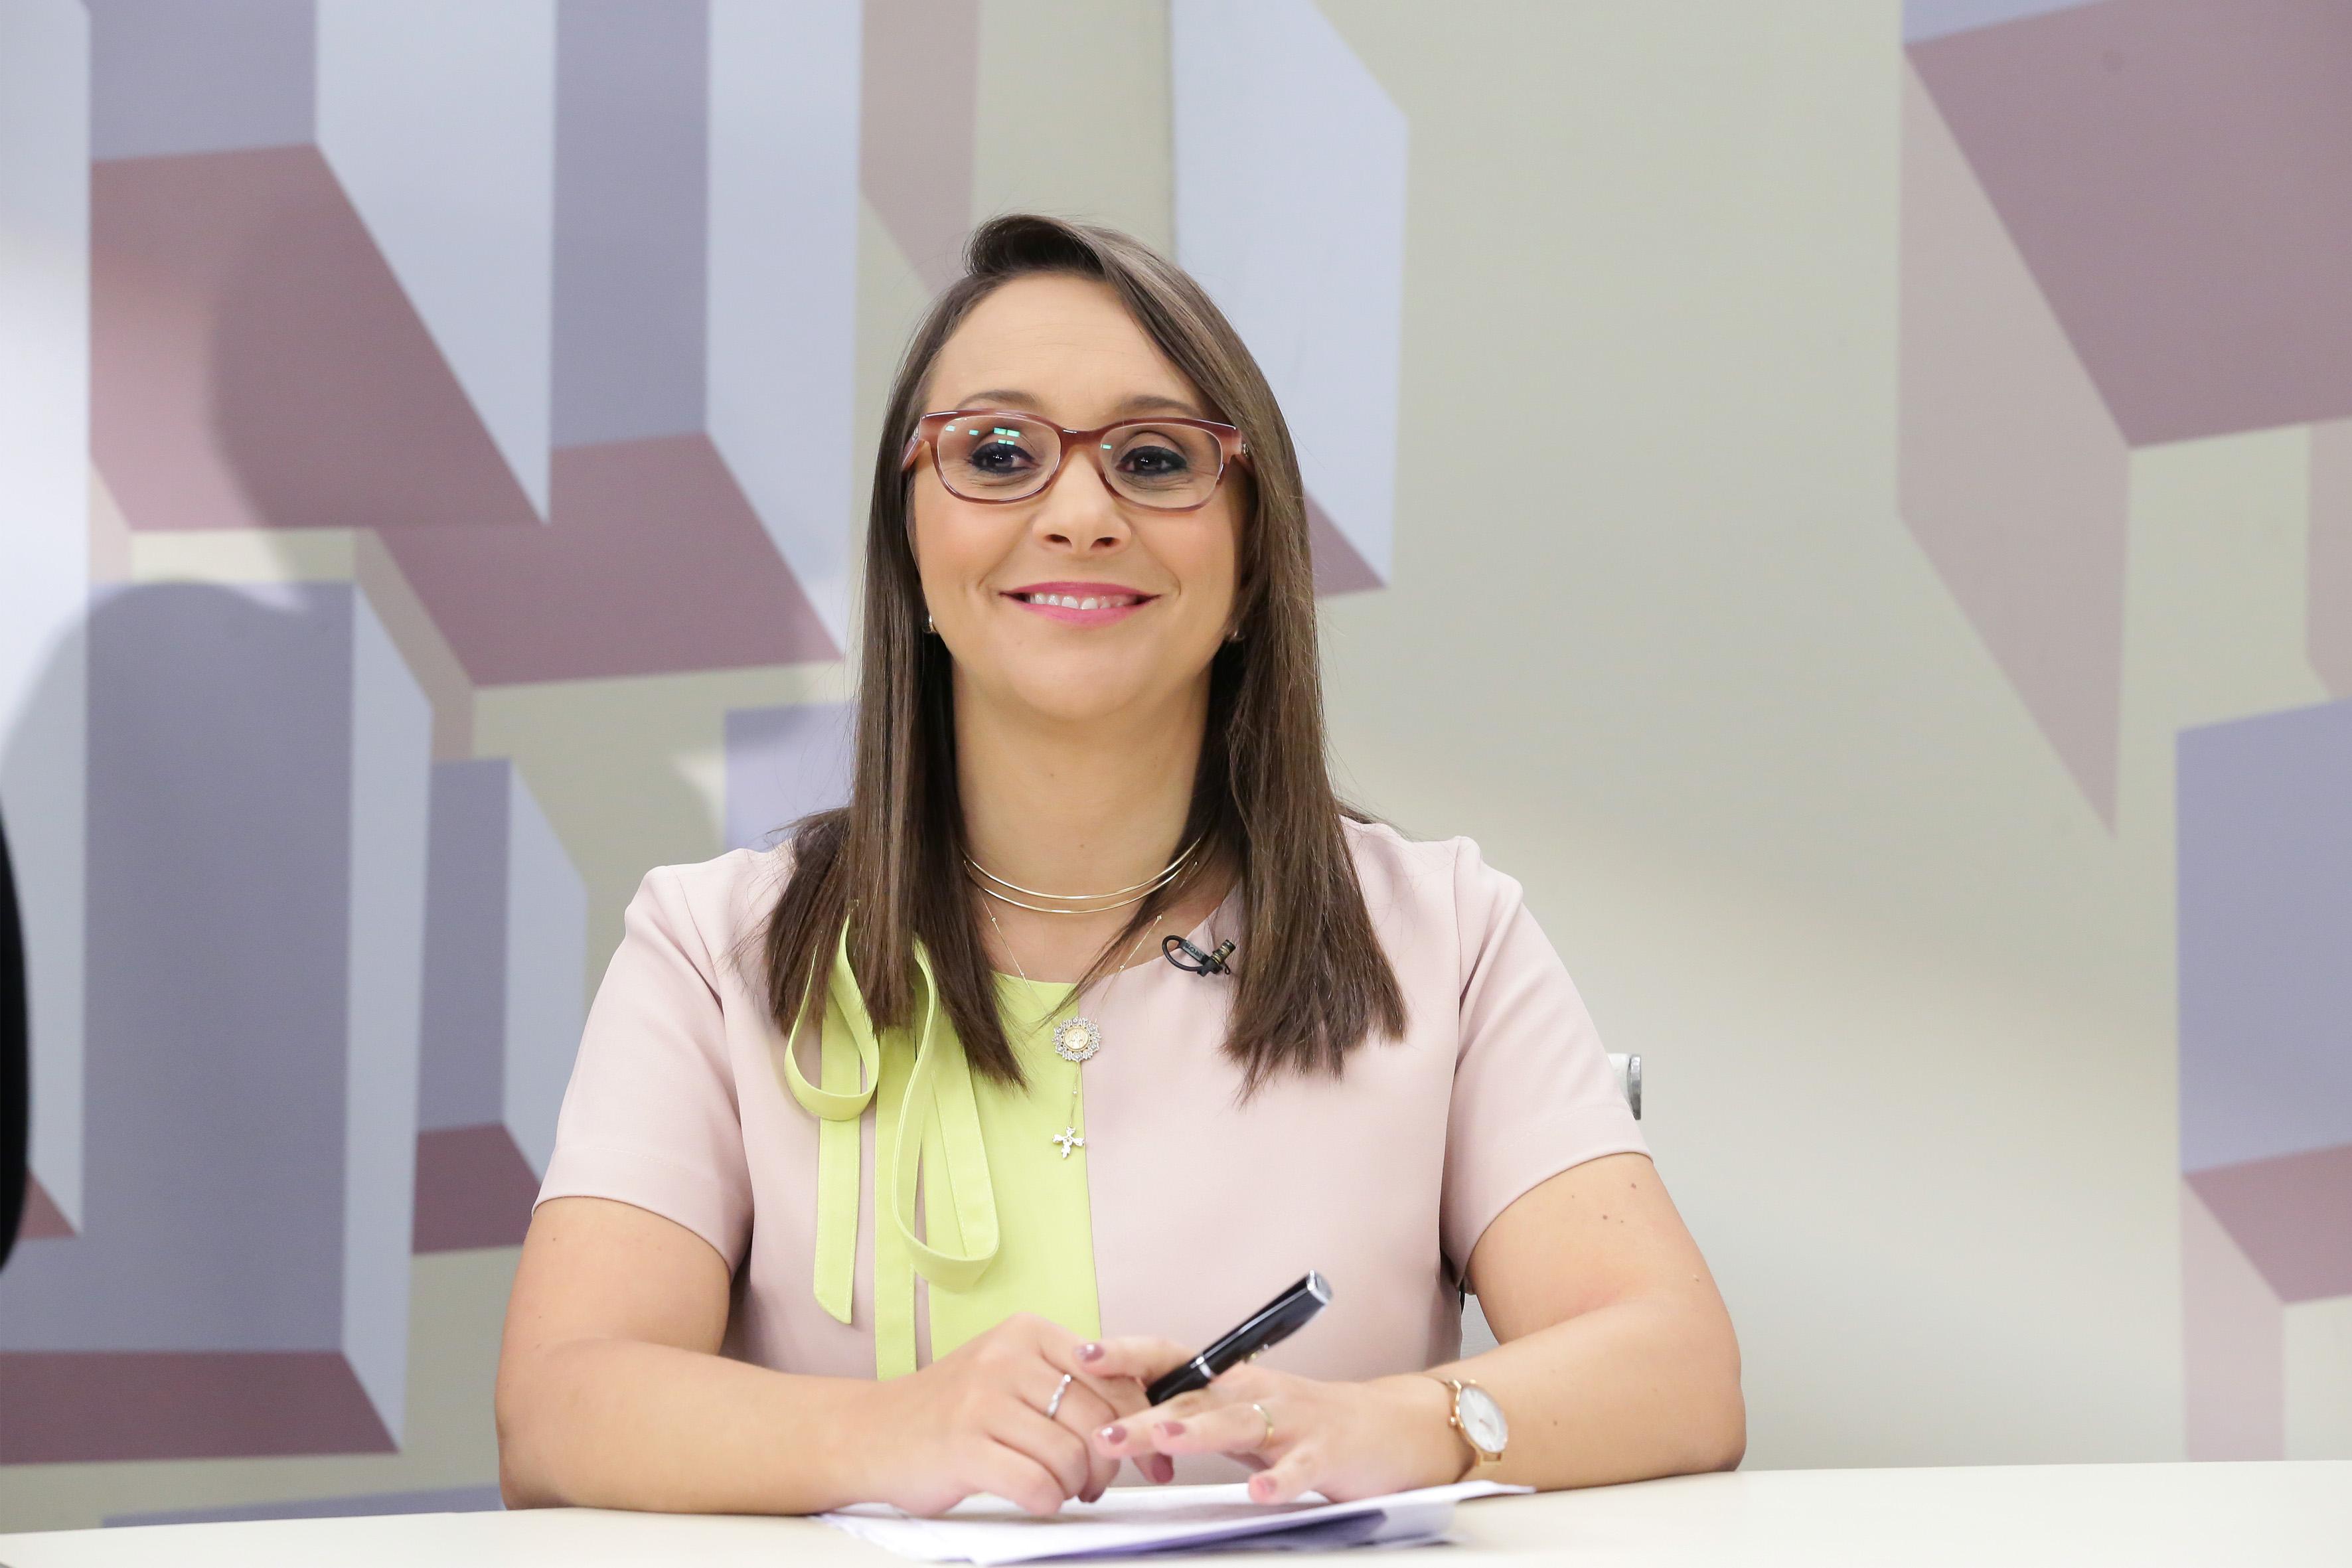 O Expressão Nacional debate o papel do Congresso Nacional no combate à violência contra as mulheres. Deputada Renata Abreu (PODE/SP)